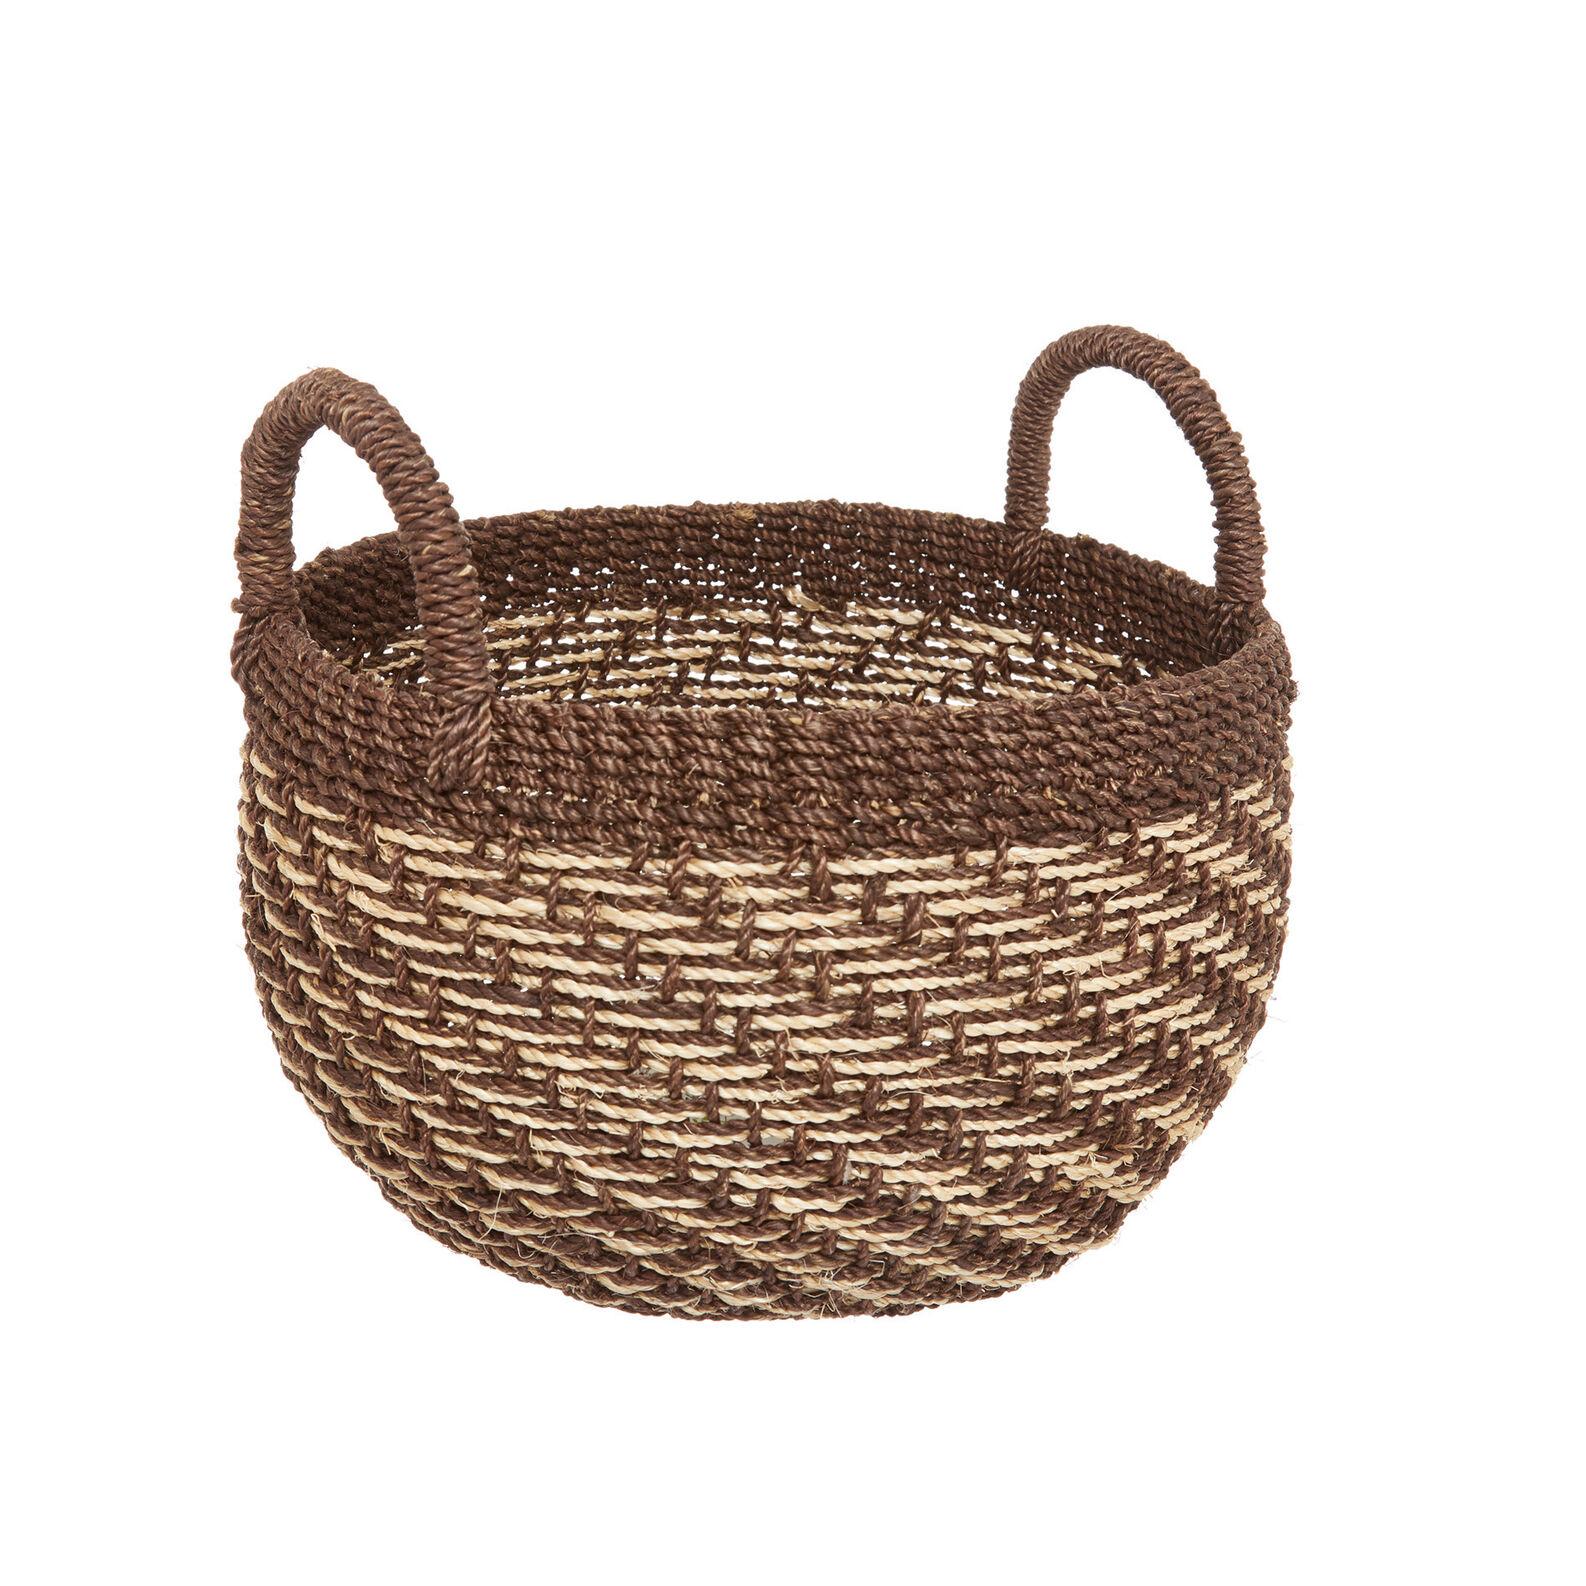 Hand-woven abaca basket